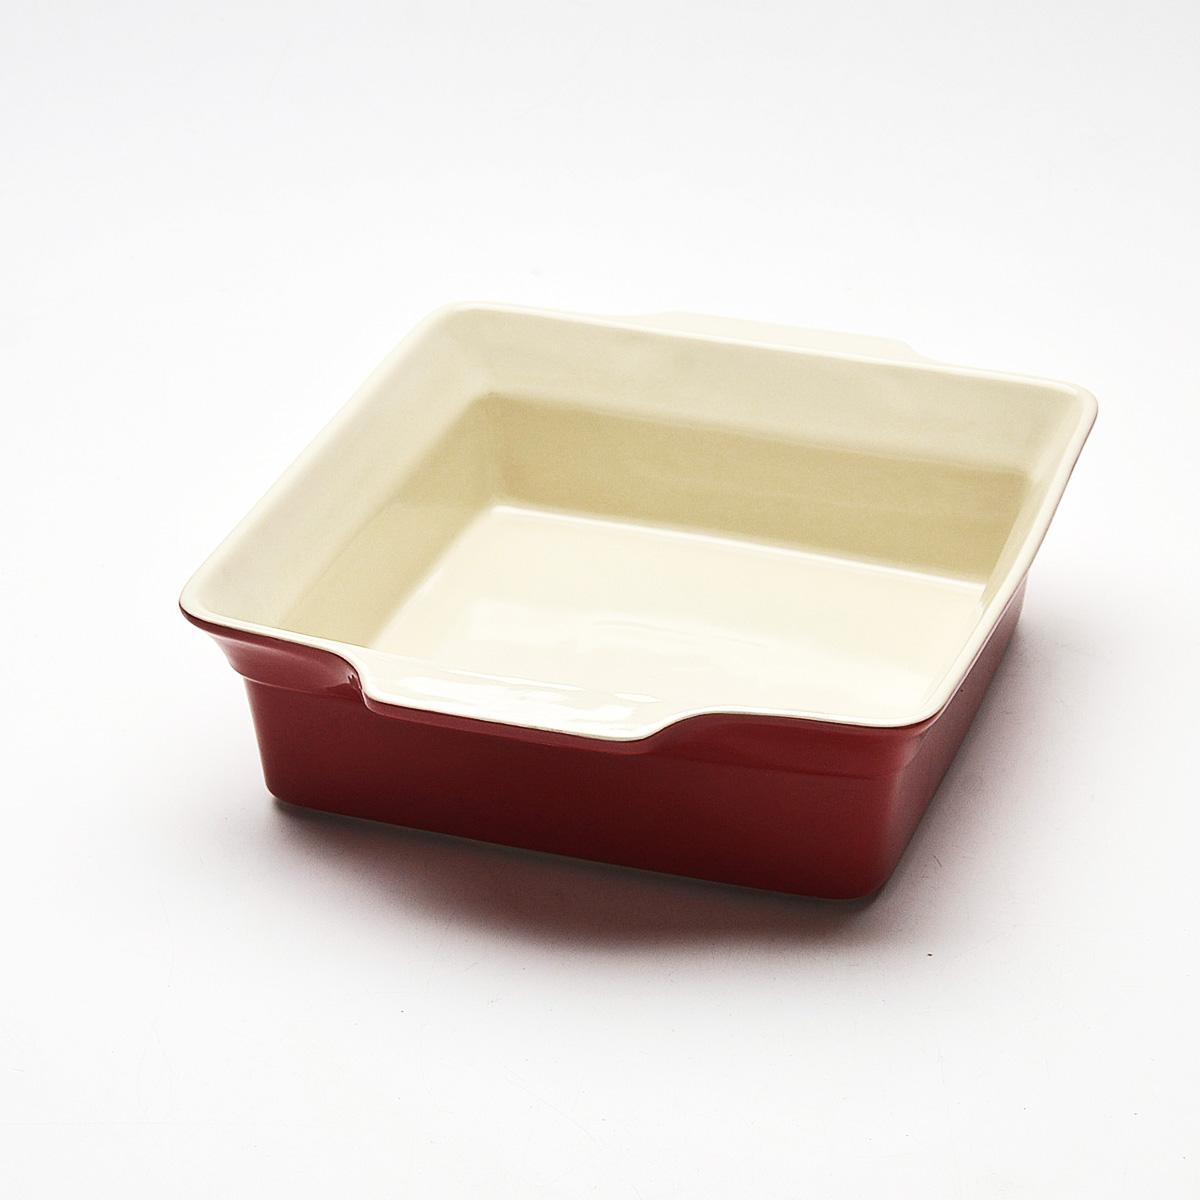 Противень Mayer & Boch, квадратный, цвет: красный, 30,5 см х 26 см. 2181621816Противень Mayer & Boch изготовлен из высококачественной керамики. Керамика не содержит вредных примесей ПФОК, что способствует здоровому и экологичному приготовлению пищи. Незаменимый атрибут для приготовления запеканок, всевозможных блюд из мяса и овощей, а также выпечки из теста и изысканных кондитерских блюд. Противень оснащен удобными глиняными ручками. Подходит для чистки в посудомоечной машине. Не применять абразивные чистящие средства. Не использовать жесткие щетки. Высота стенок противня: 8 см. Толщина стенок противня: 6-7 мм. Толщина дна противня: 6-7 мм. Размер противня (с учетом ручек): 30,5 см х 26 см.